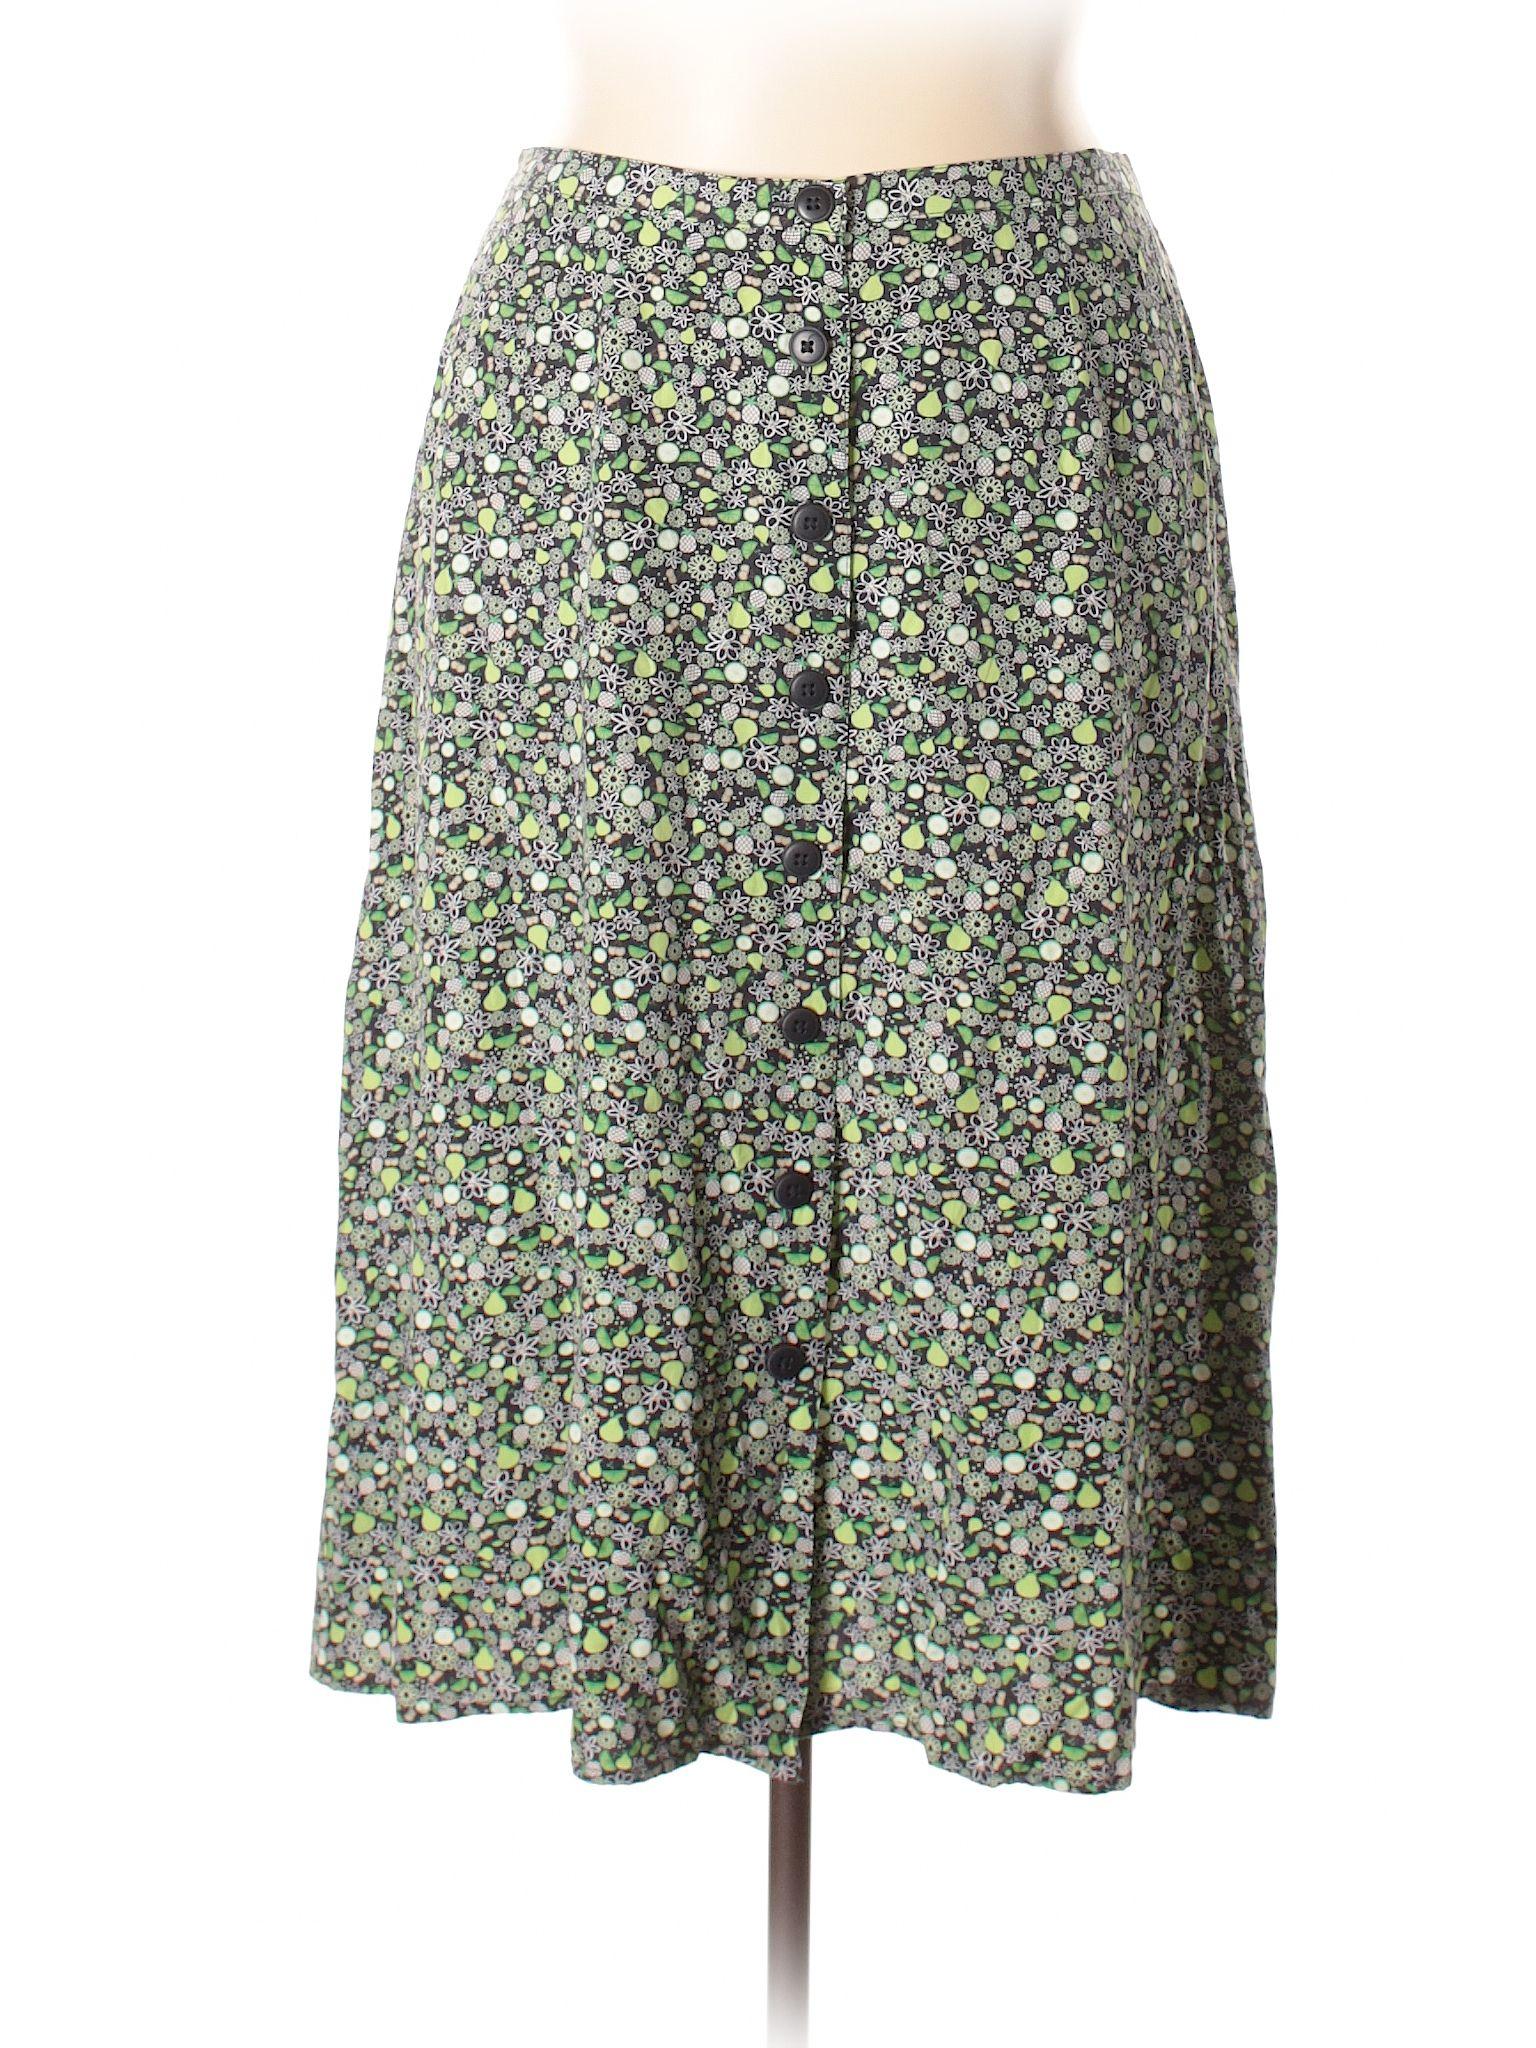 dd1f8030d6119 Cj Banks Casual Skirt  Size 18.00 Green Women s Bottoms -  11.99 ...